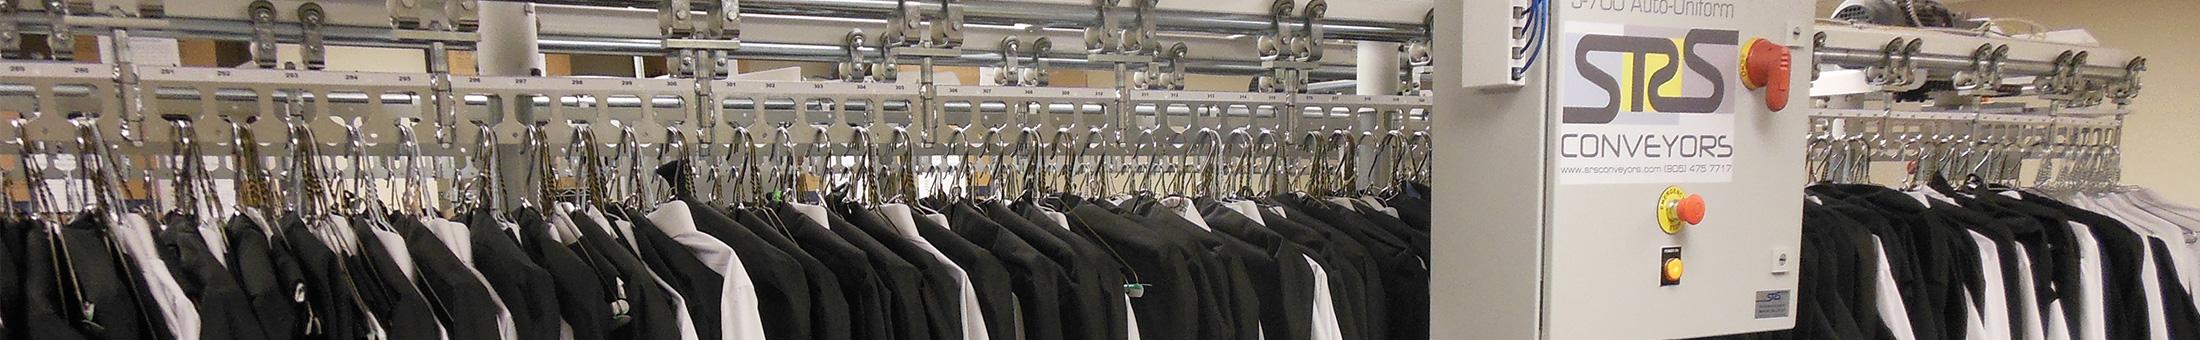 Auto Uniform Gallery